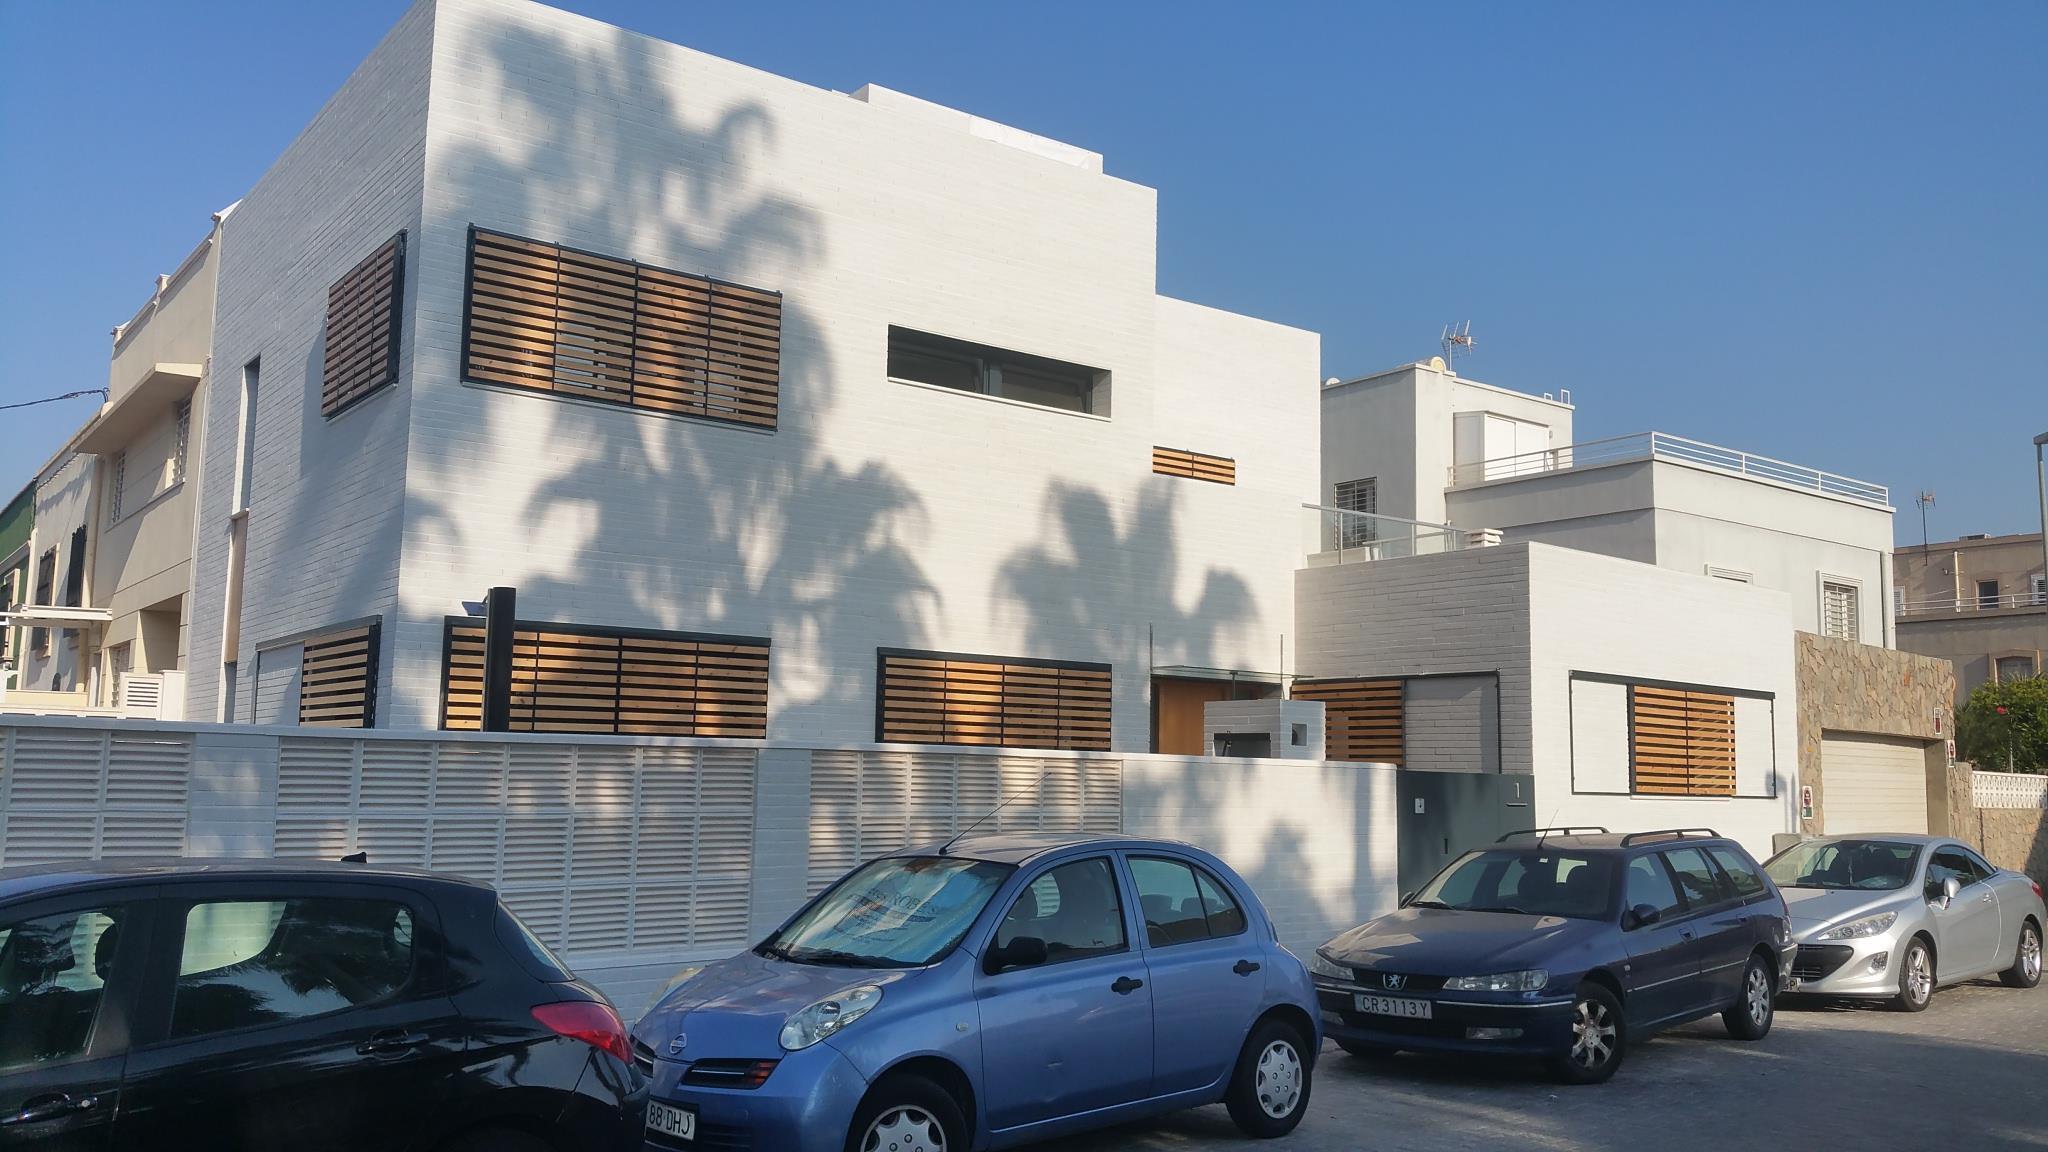 Vivienda unifamiliar en ciudad jard n almer a aguaema for Casa ciudad jardin almeria